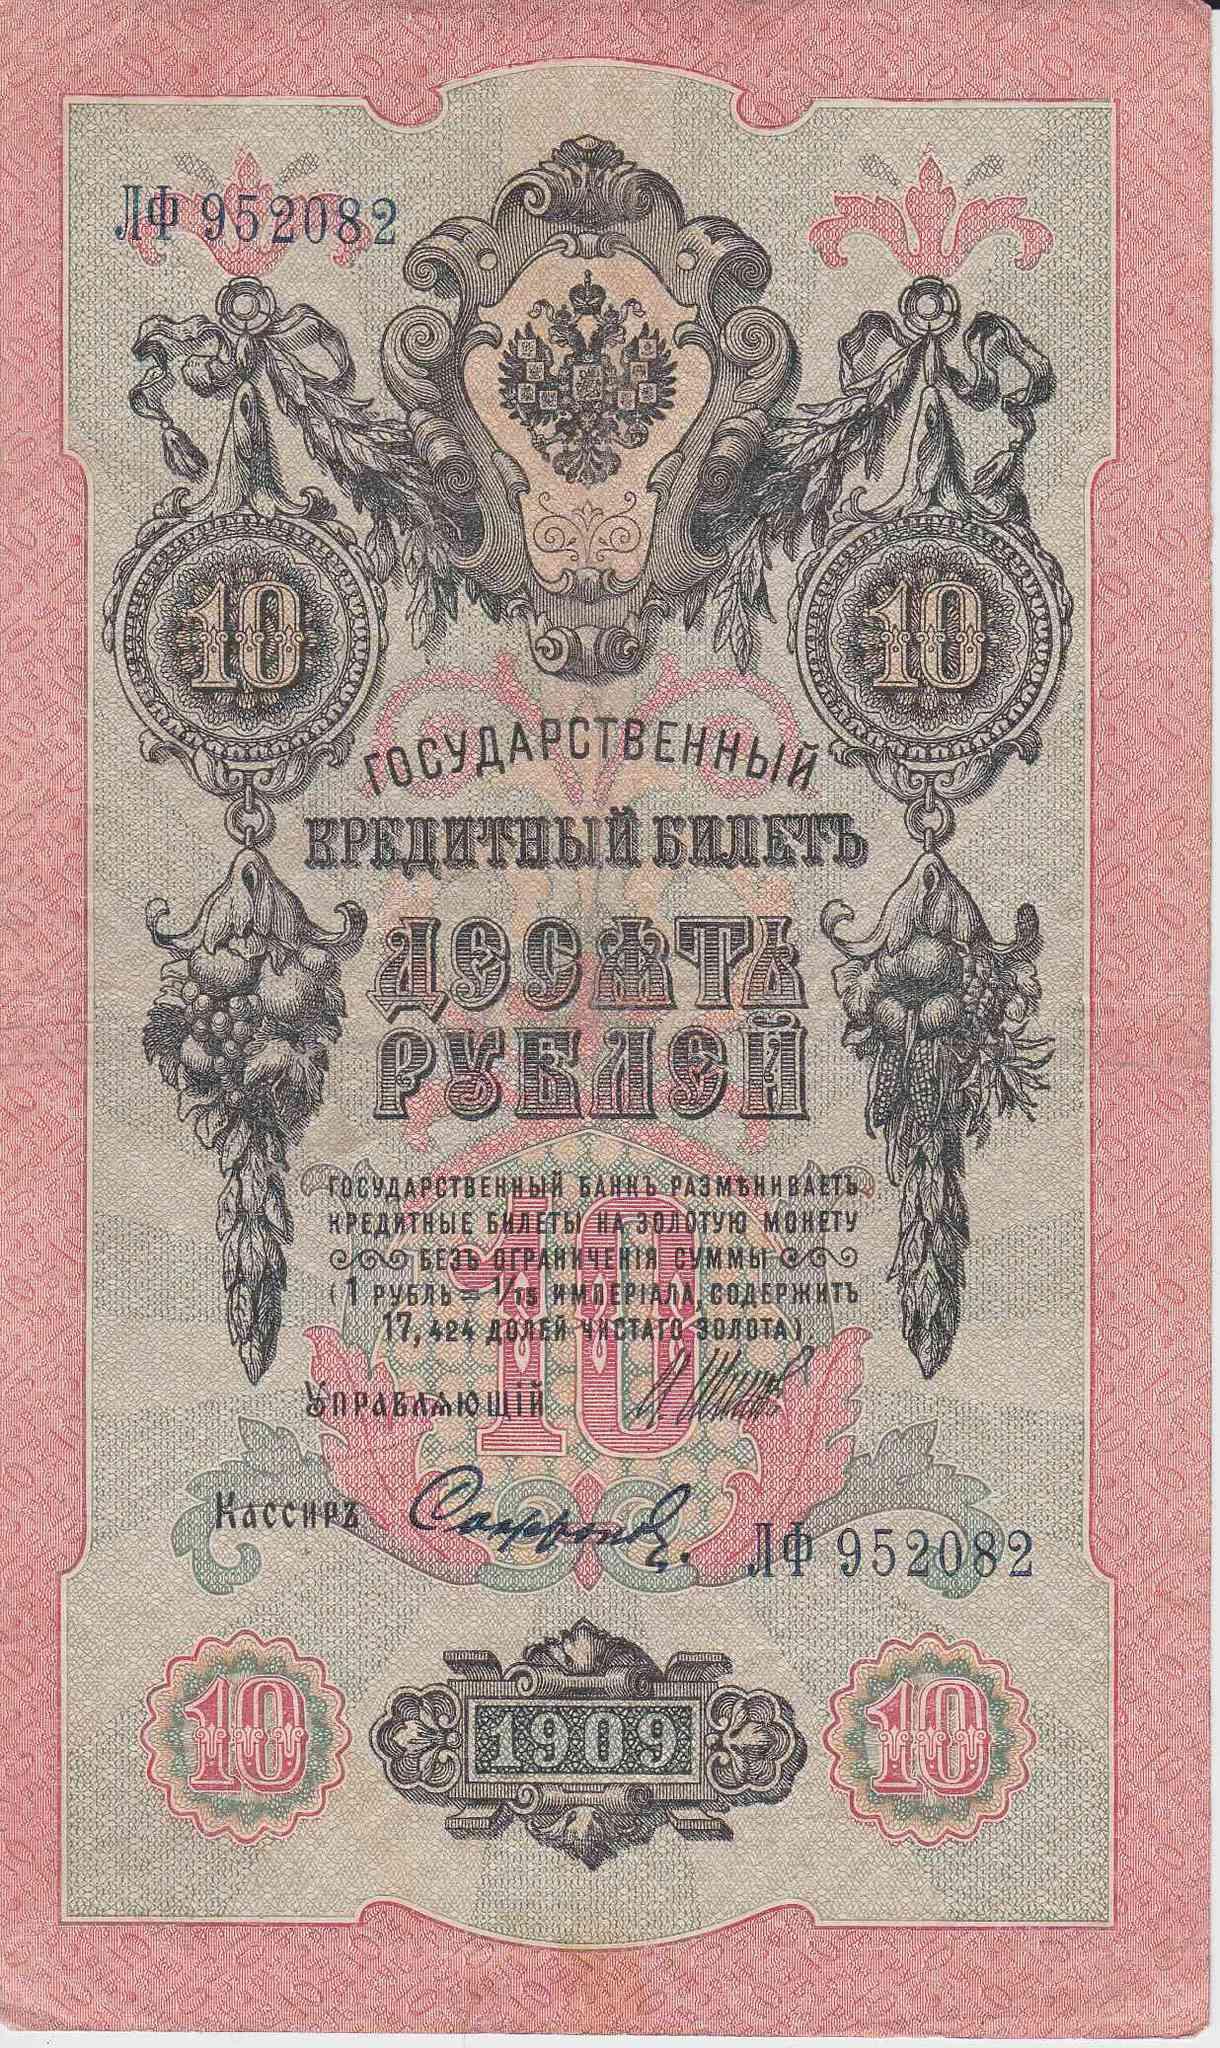 Банкнота Россия 1909 год 10 рублей Шипов/Сафронов ЛФ